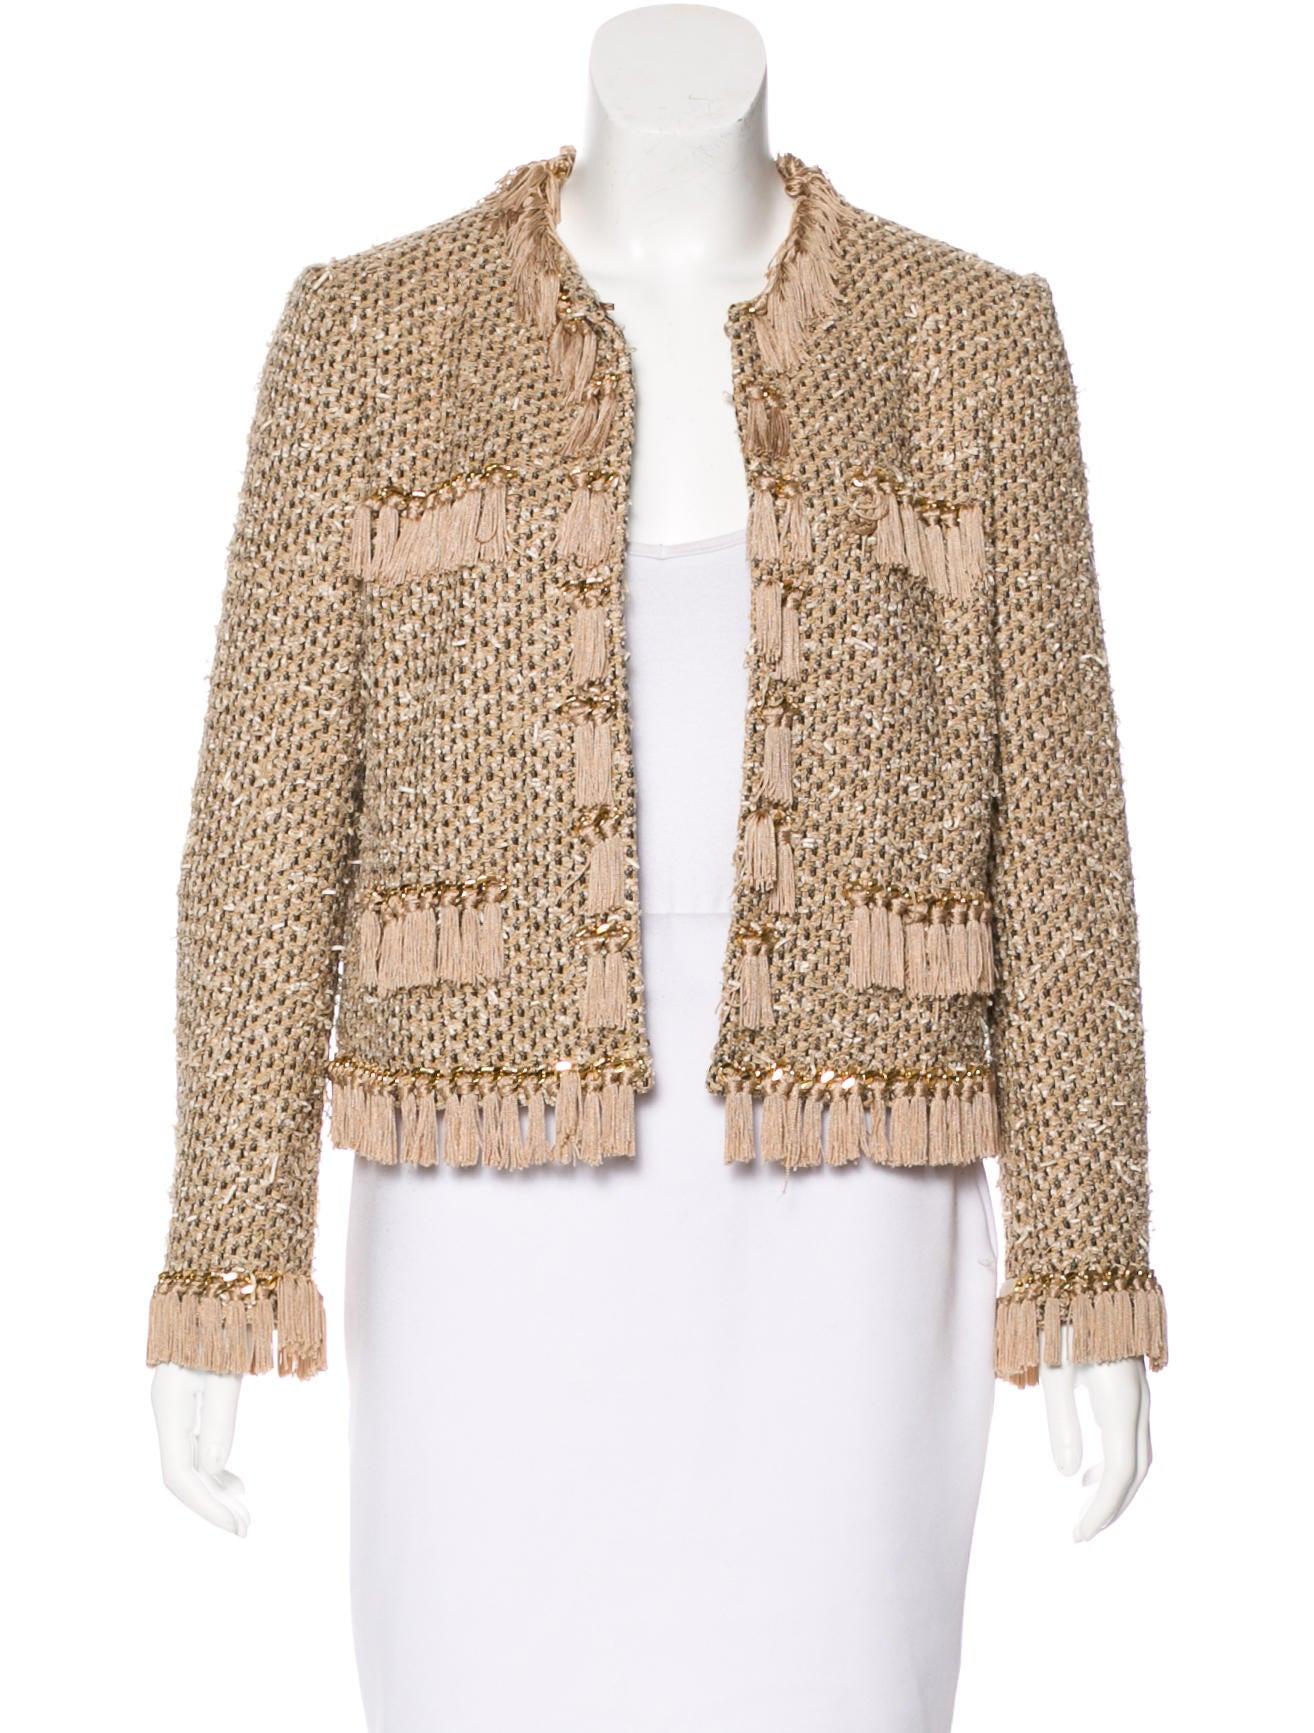 Moschino Bouclé Fringe Jacket - Clothing